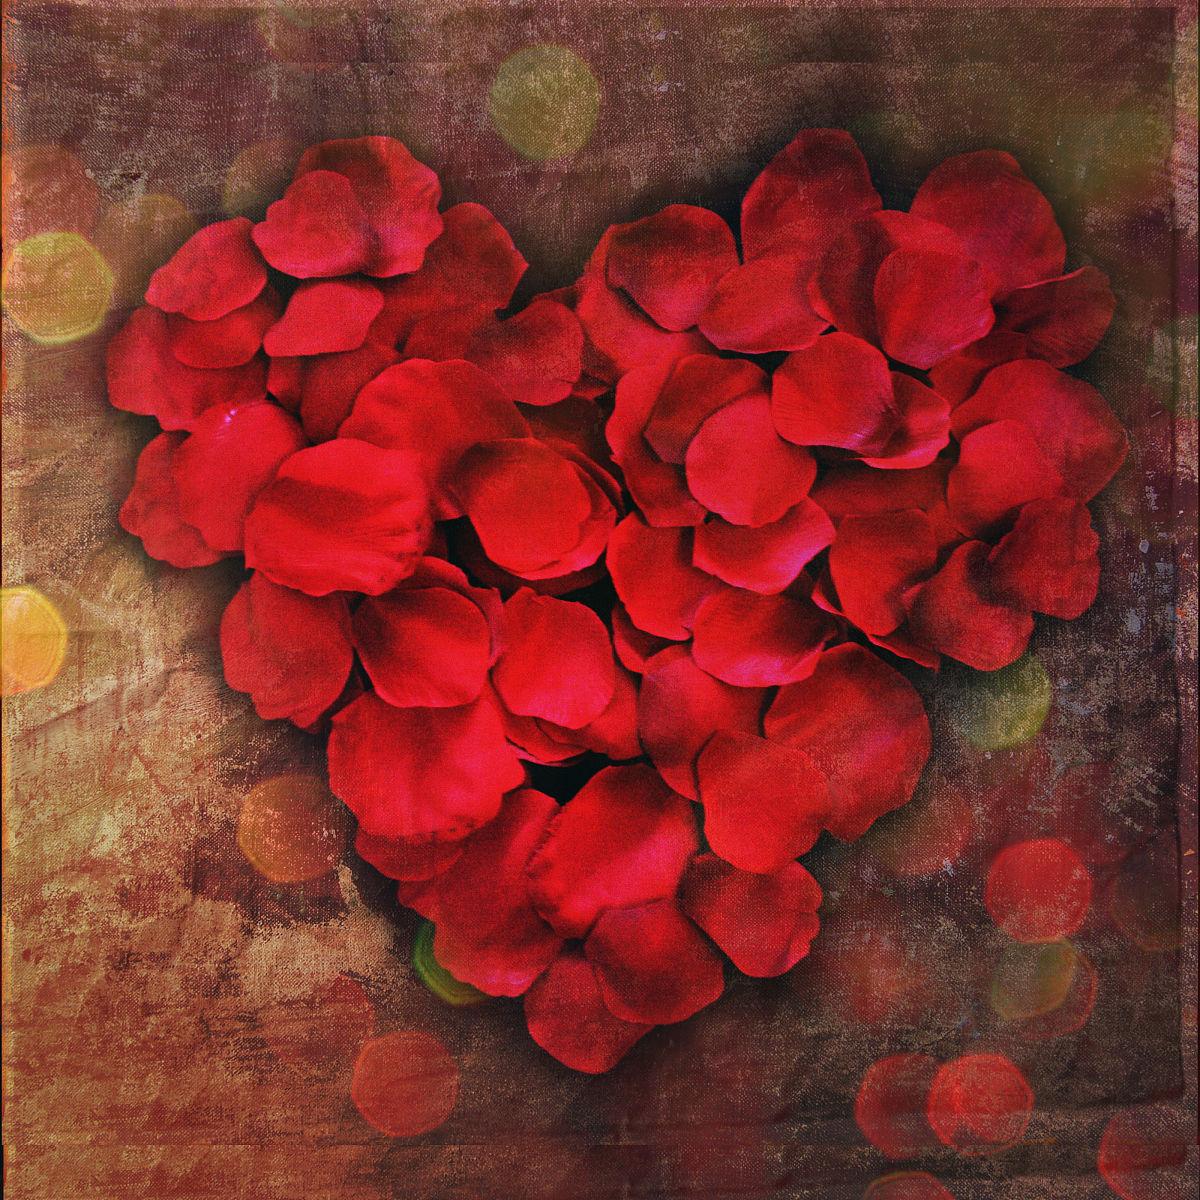 玫瑰花瓣形成心形符号图片